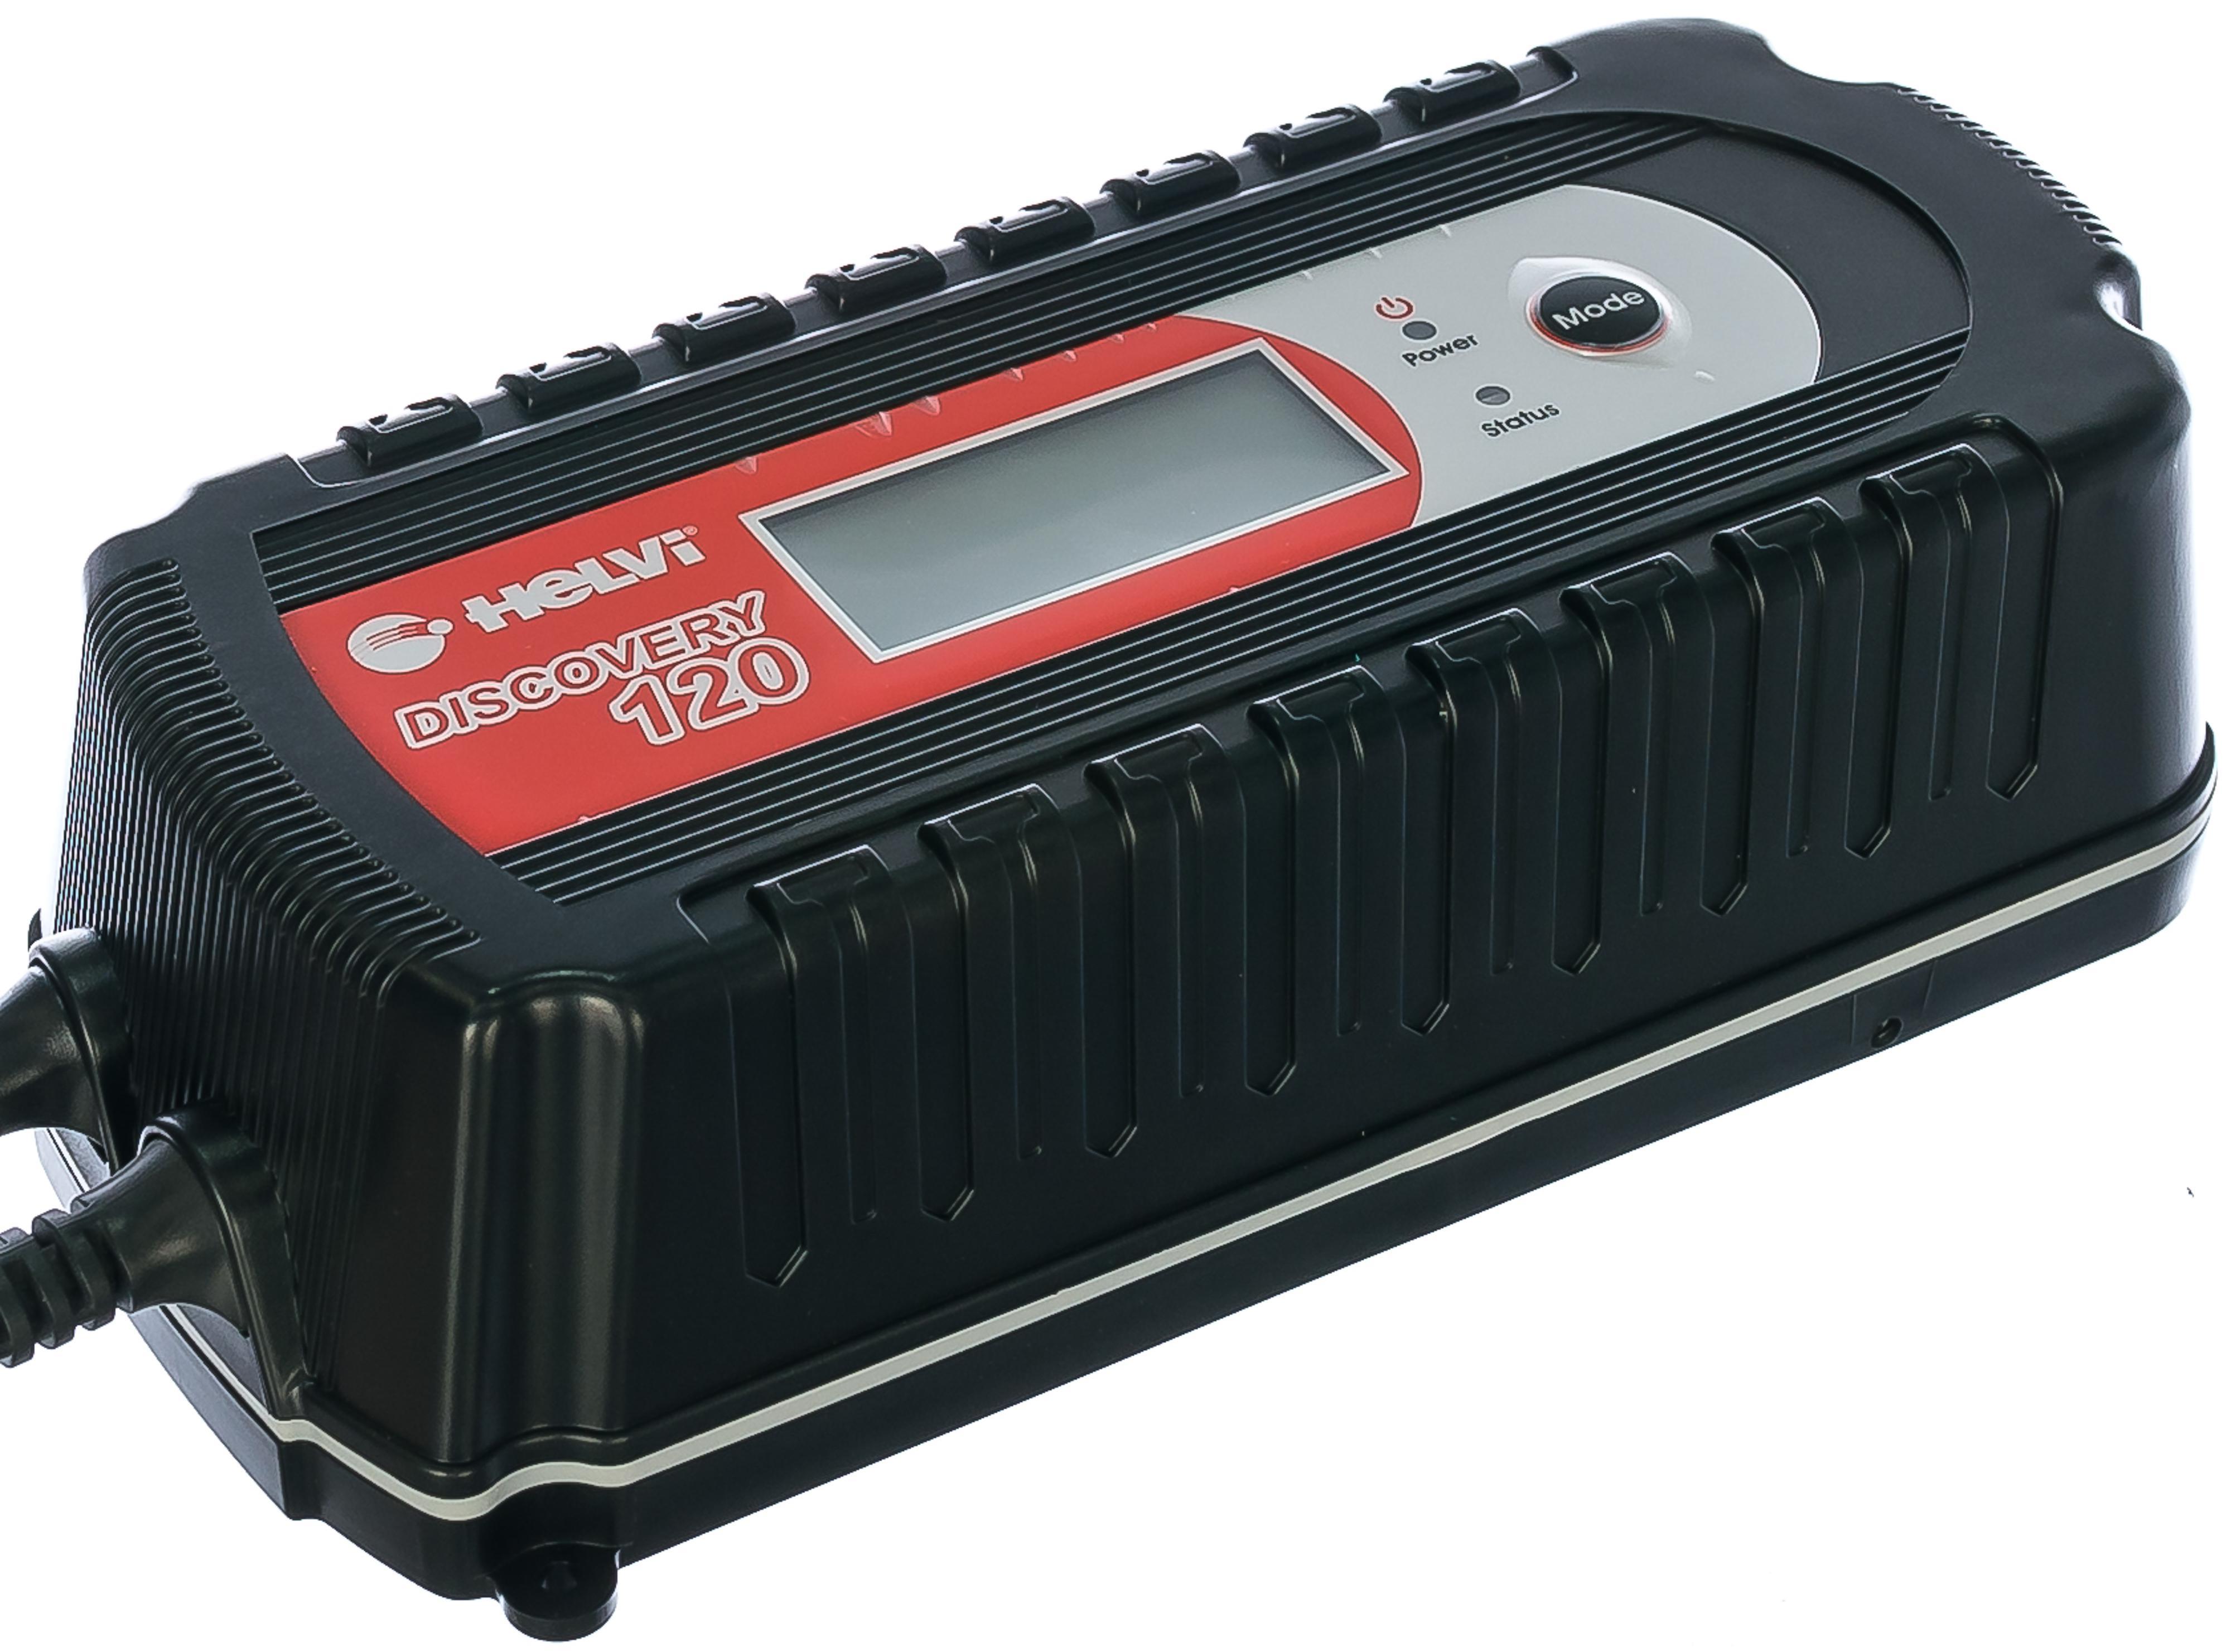 Зарядное устройство Helvi Discovery 120 для автомобиля класса лада аккумулятора какой нужен